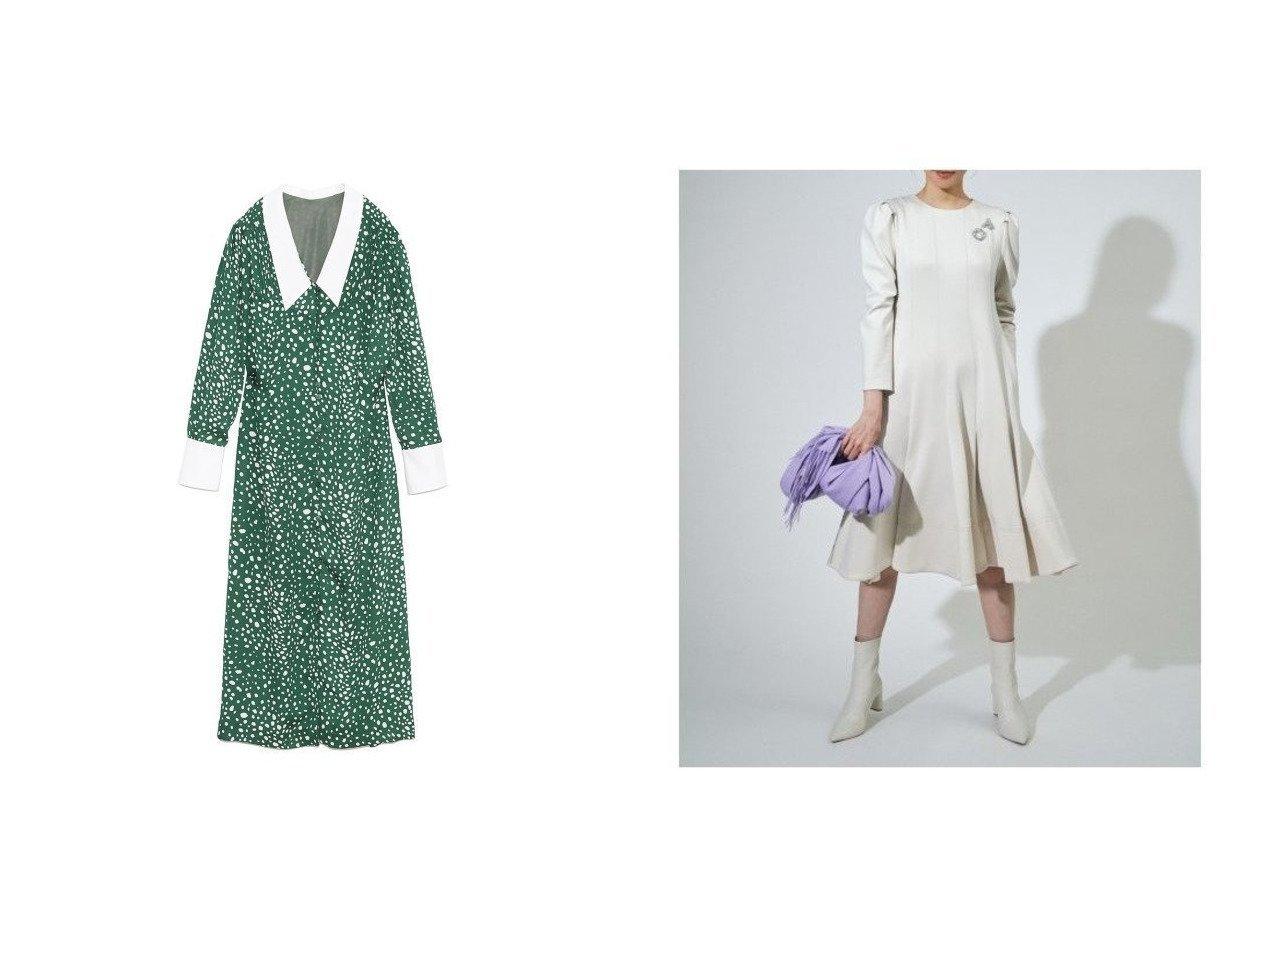 【CELFORD/セルフォード】のタックポンチワンピース&【Lily Brown/リリーブラウン】の白襟レオパード柄ワンピース おすすめ!人気、トレンド・レディースファッションの通販 おすすめで人気の流行・トレンド、ファッションの通販商品 メンズファッション・キッズファッション・インテリア・家具・レディースファッション・服の通販 founy(ファニー) https://founy.com/ ファッション Fashion レディースファッション WOMEN ワンピース Dress カフス ガウン クラシカル ストレート スマート デコルテ トレンド ドット リボン レオパード 冬 Winter ウォッシャブル スリーブ  ID:crp329100000008872